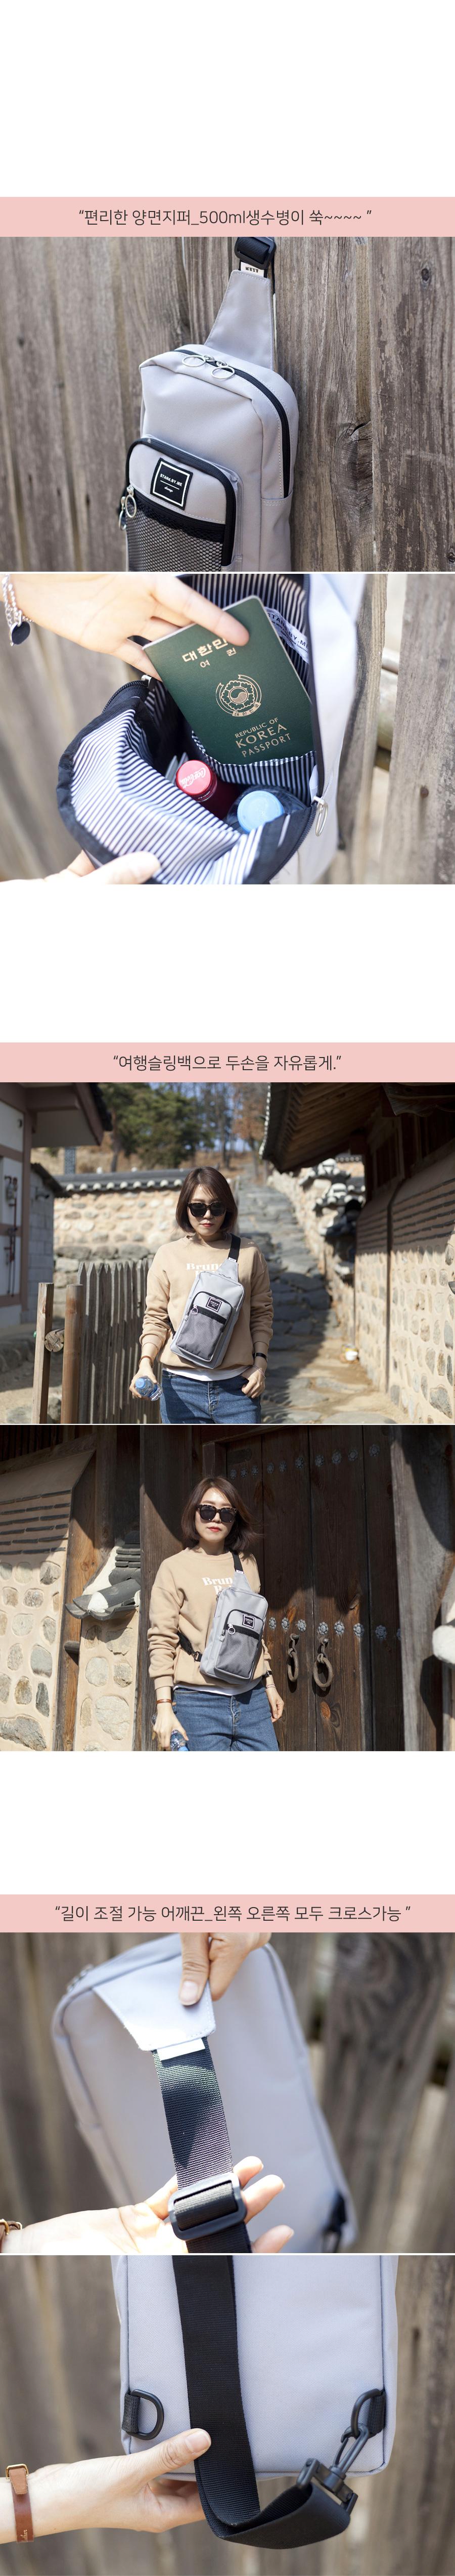 남자여행슬링백 여자미니백팩 메쉬백 - 비바시스터, 18,400원, 크로스백, 캔버스패브릭크로스백